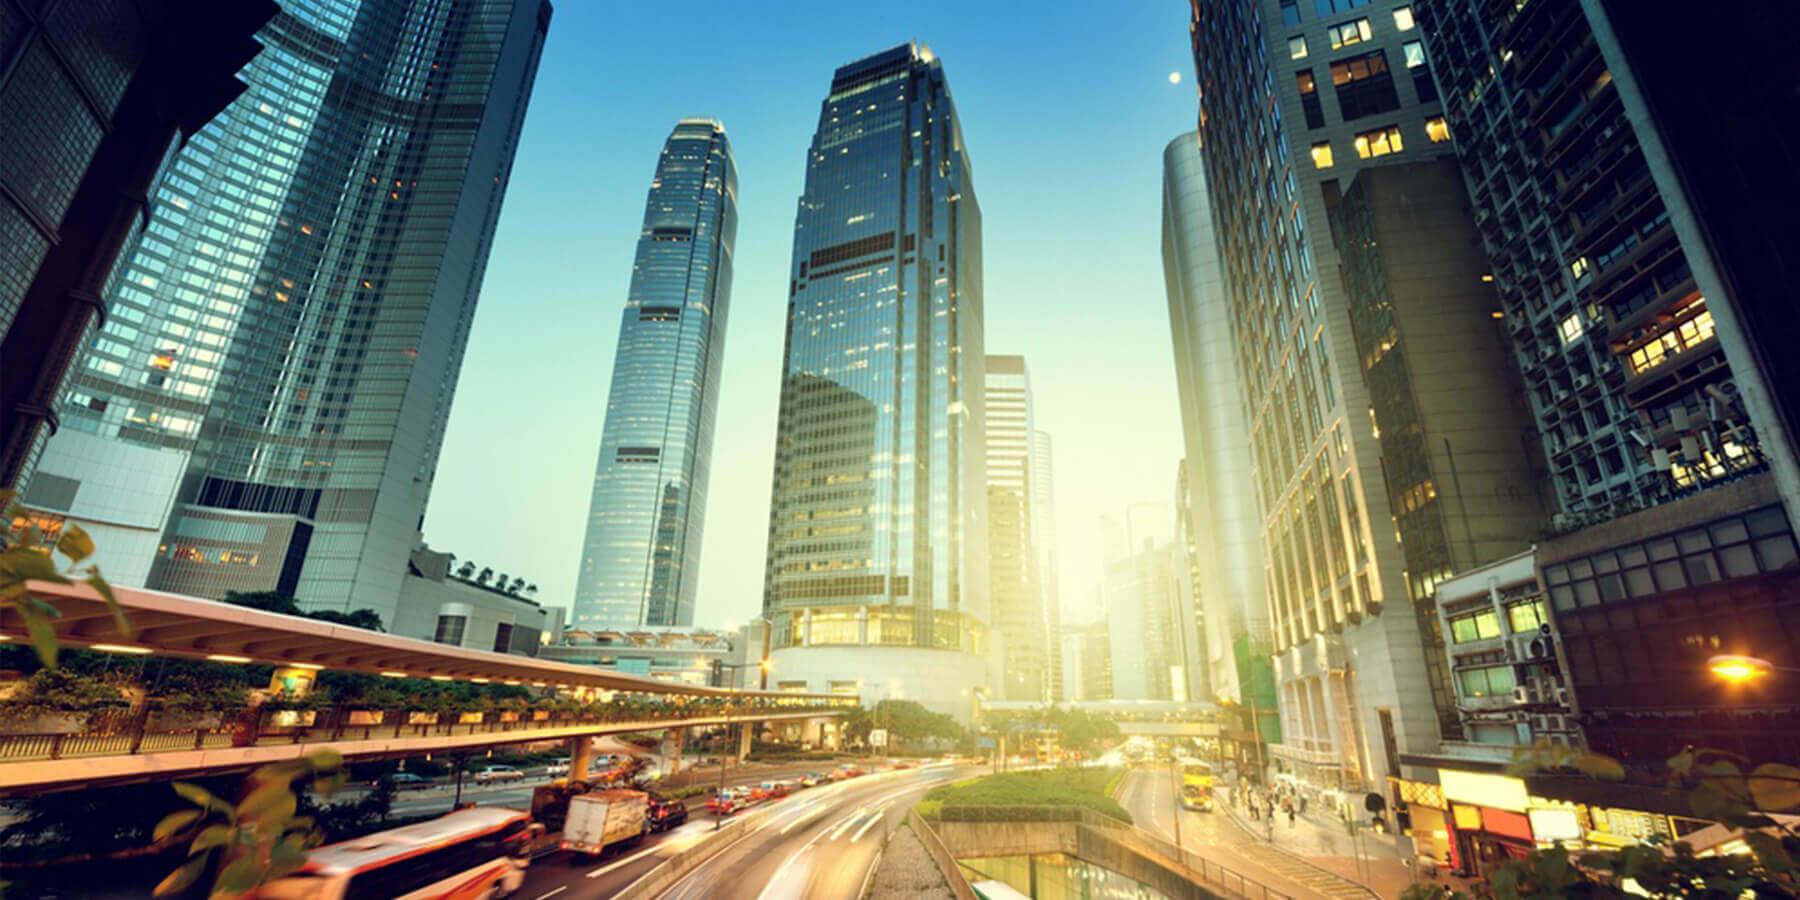 《2018年公司(修訂)條例》 在香港特別行政區註冊成立的公司 須備存重要控制人登記冊之規定